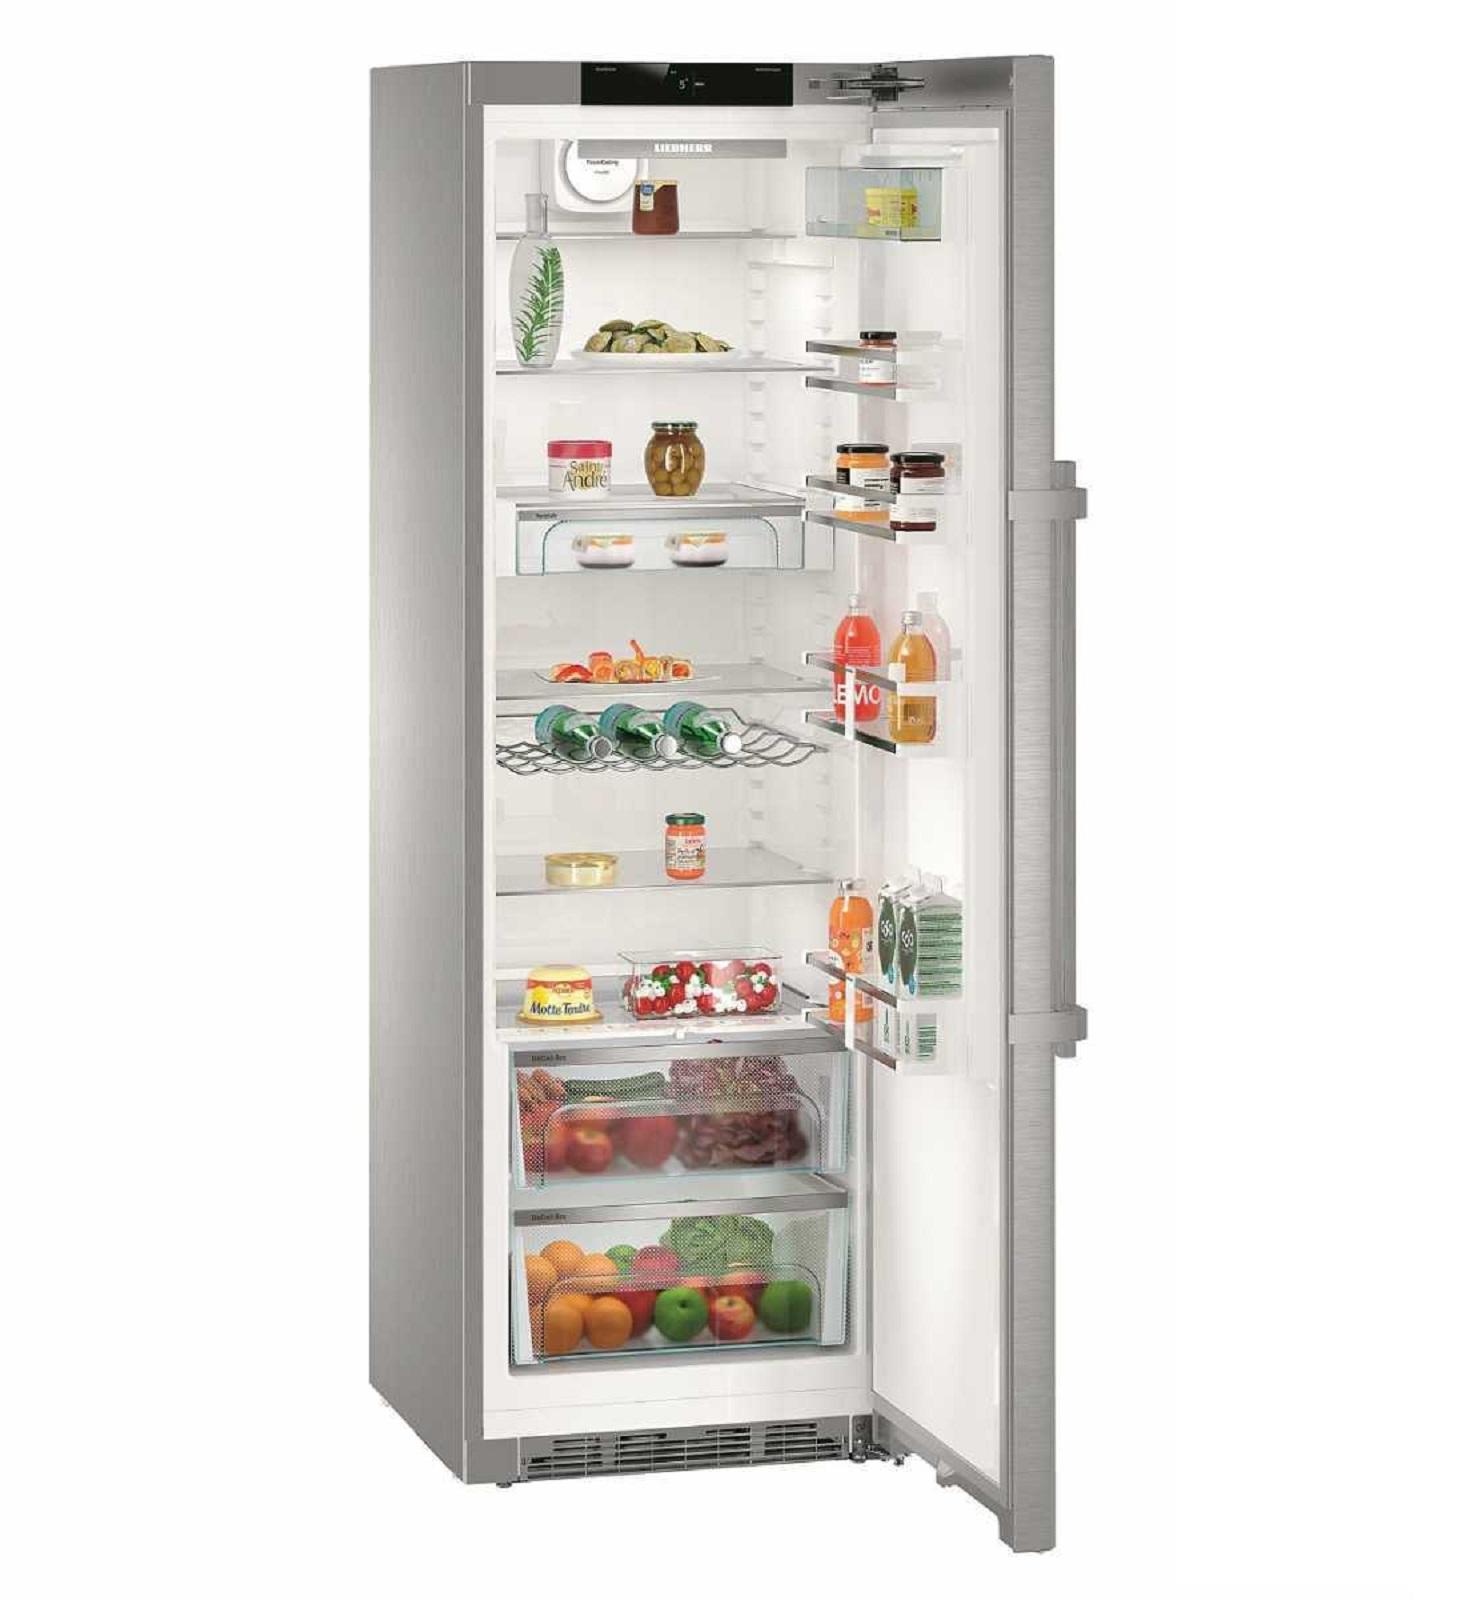 Однокамерный холодильник Liebherr SKPes 4350 купить украина